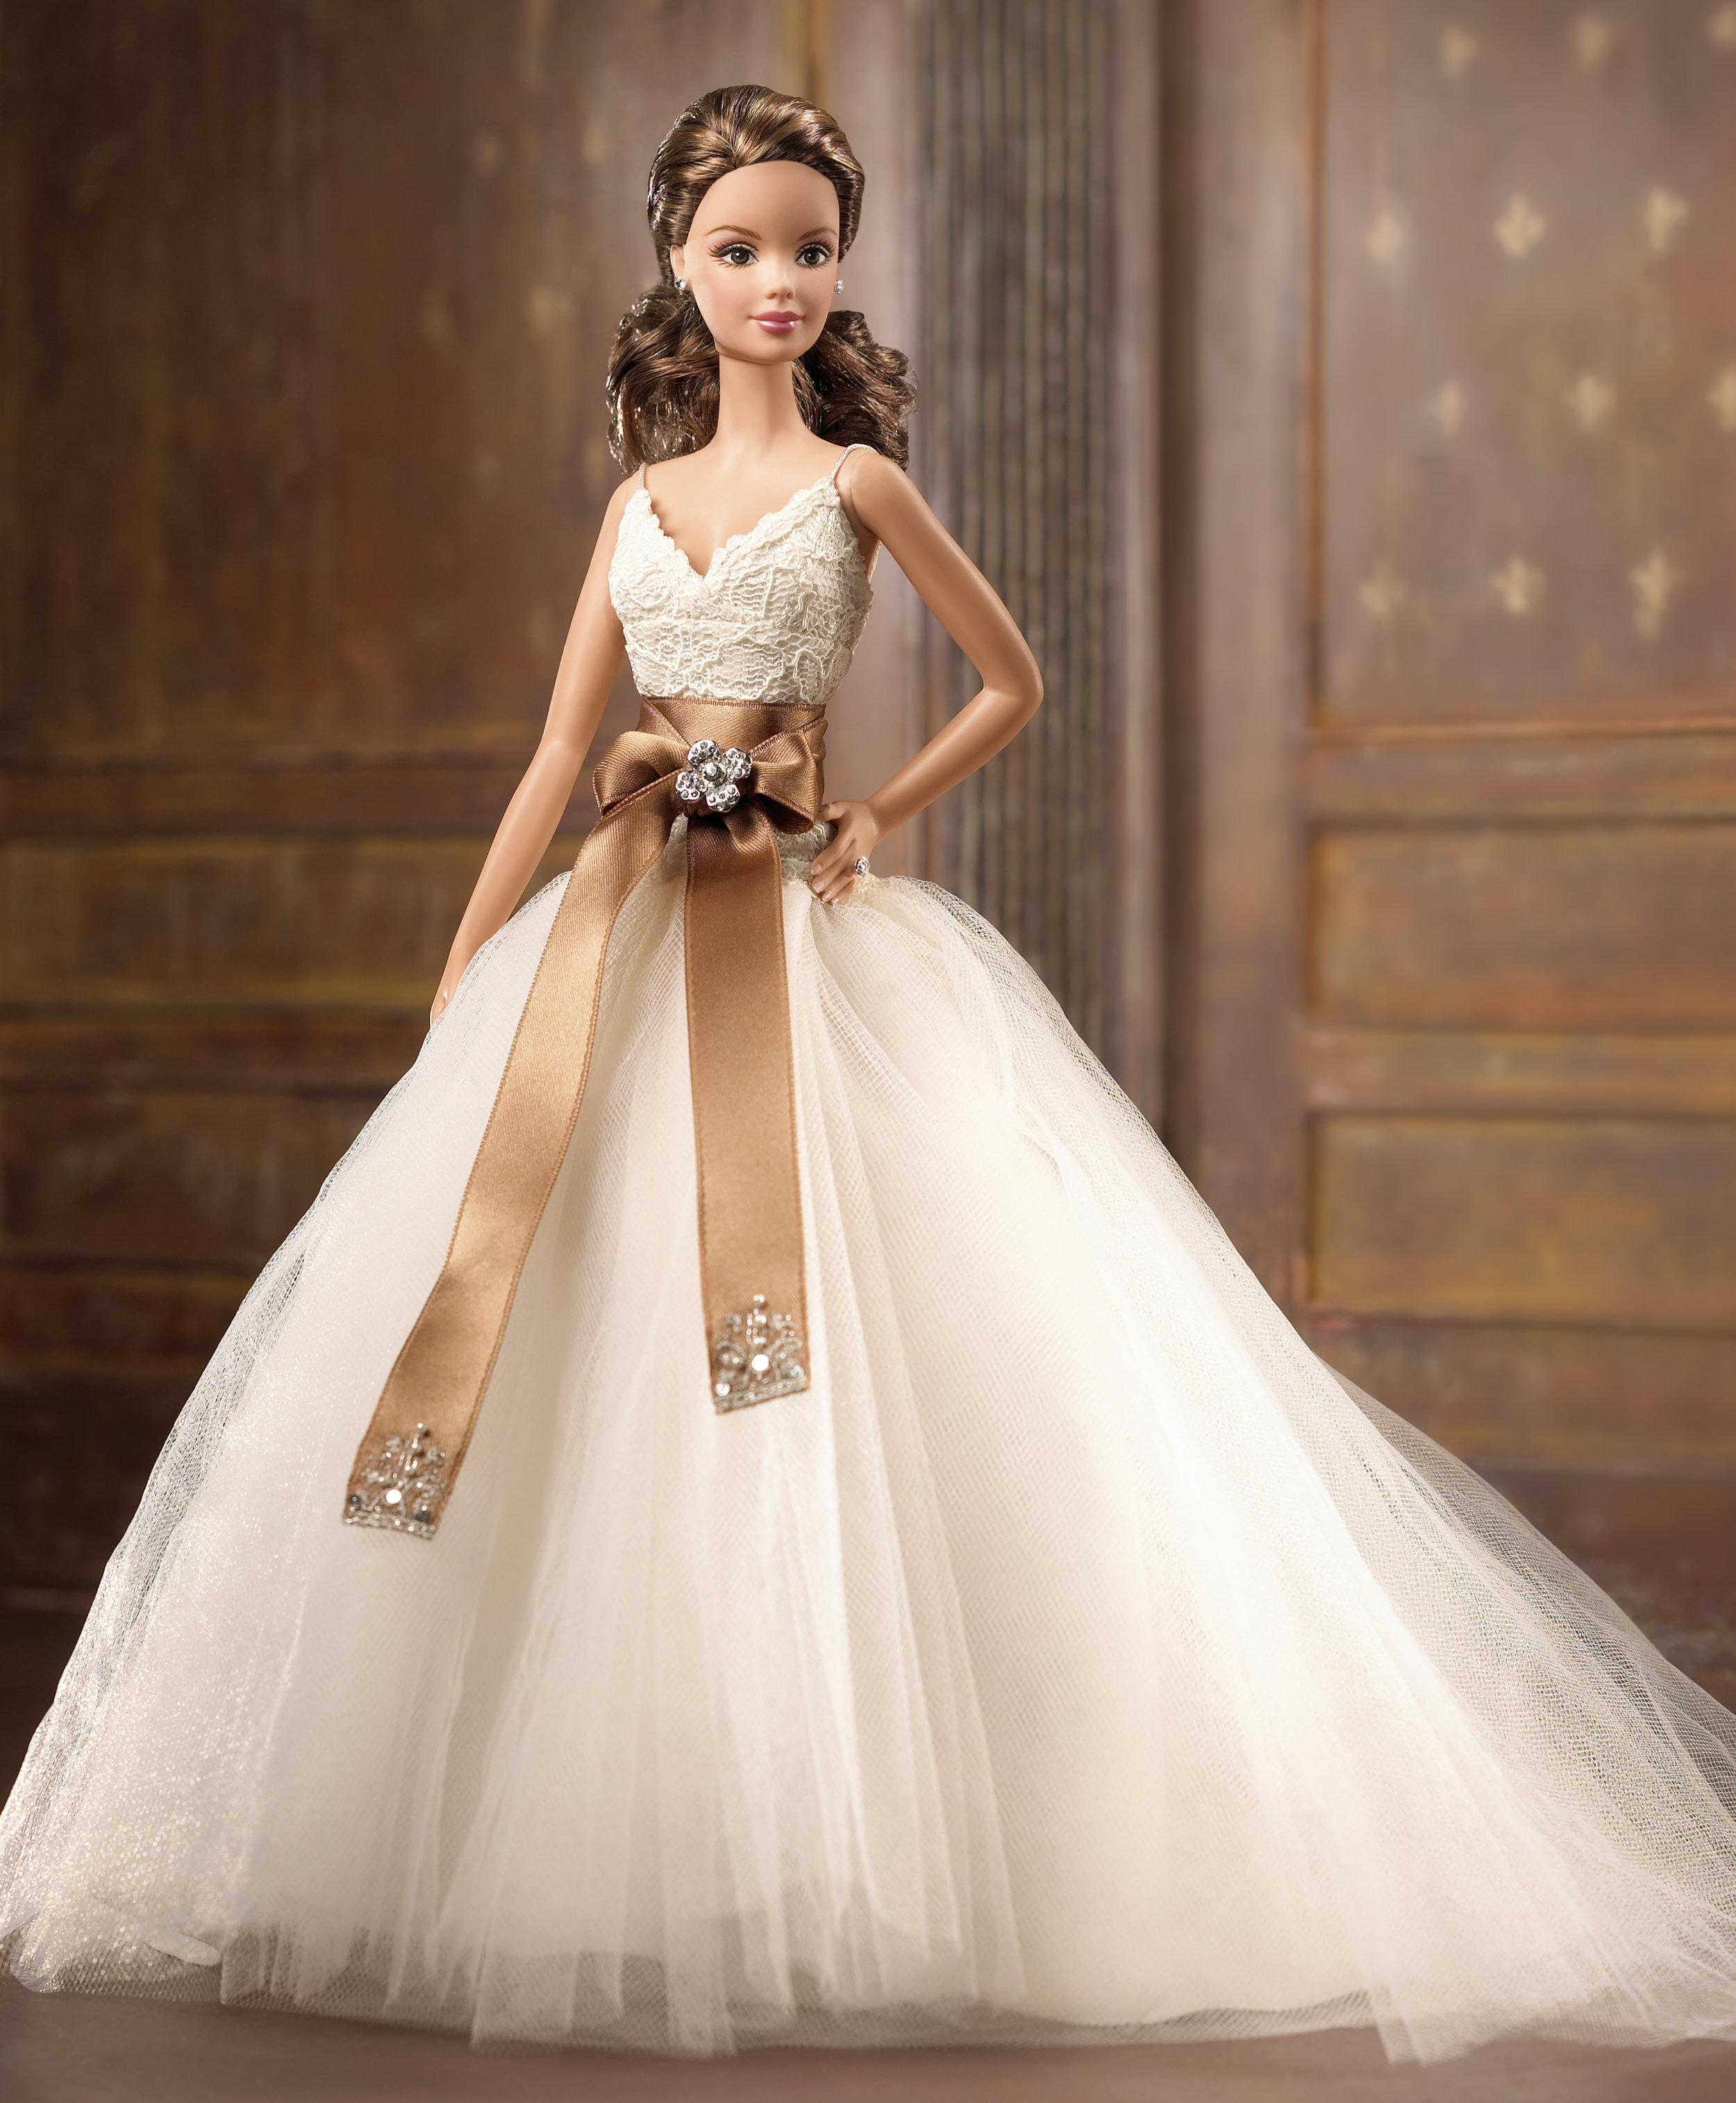 Monique Lhuillier Barbie Doll